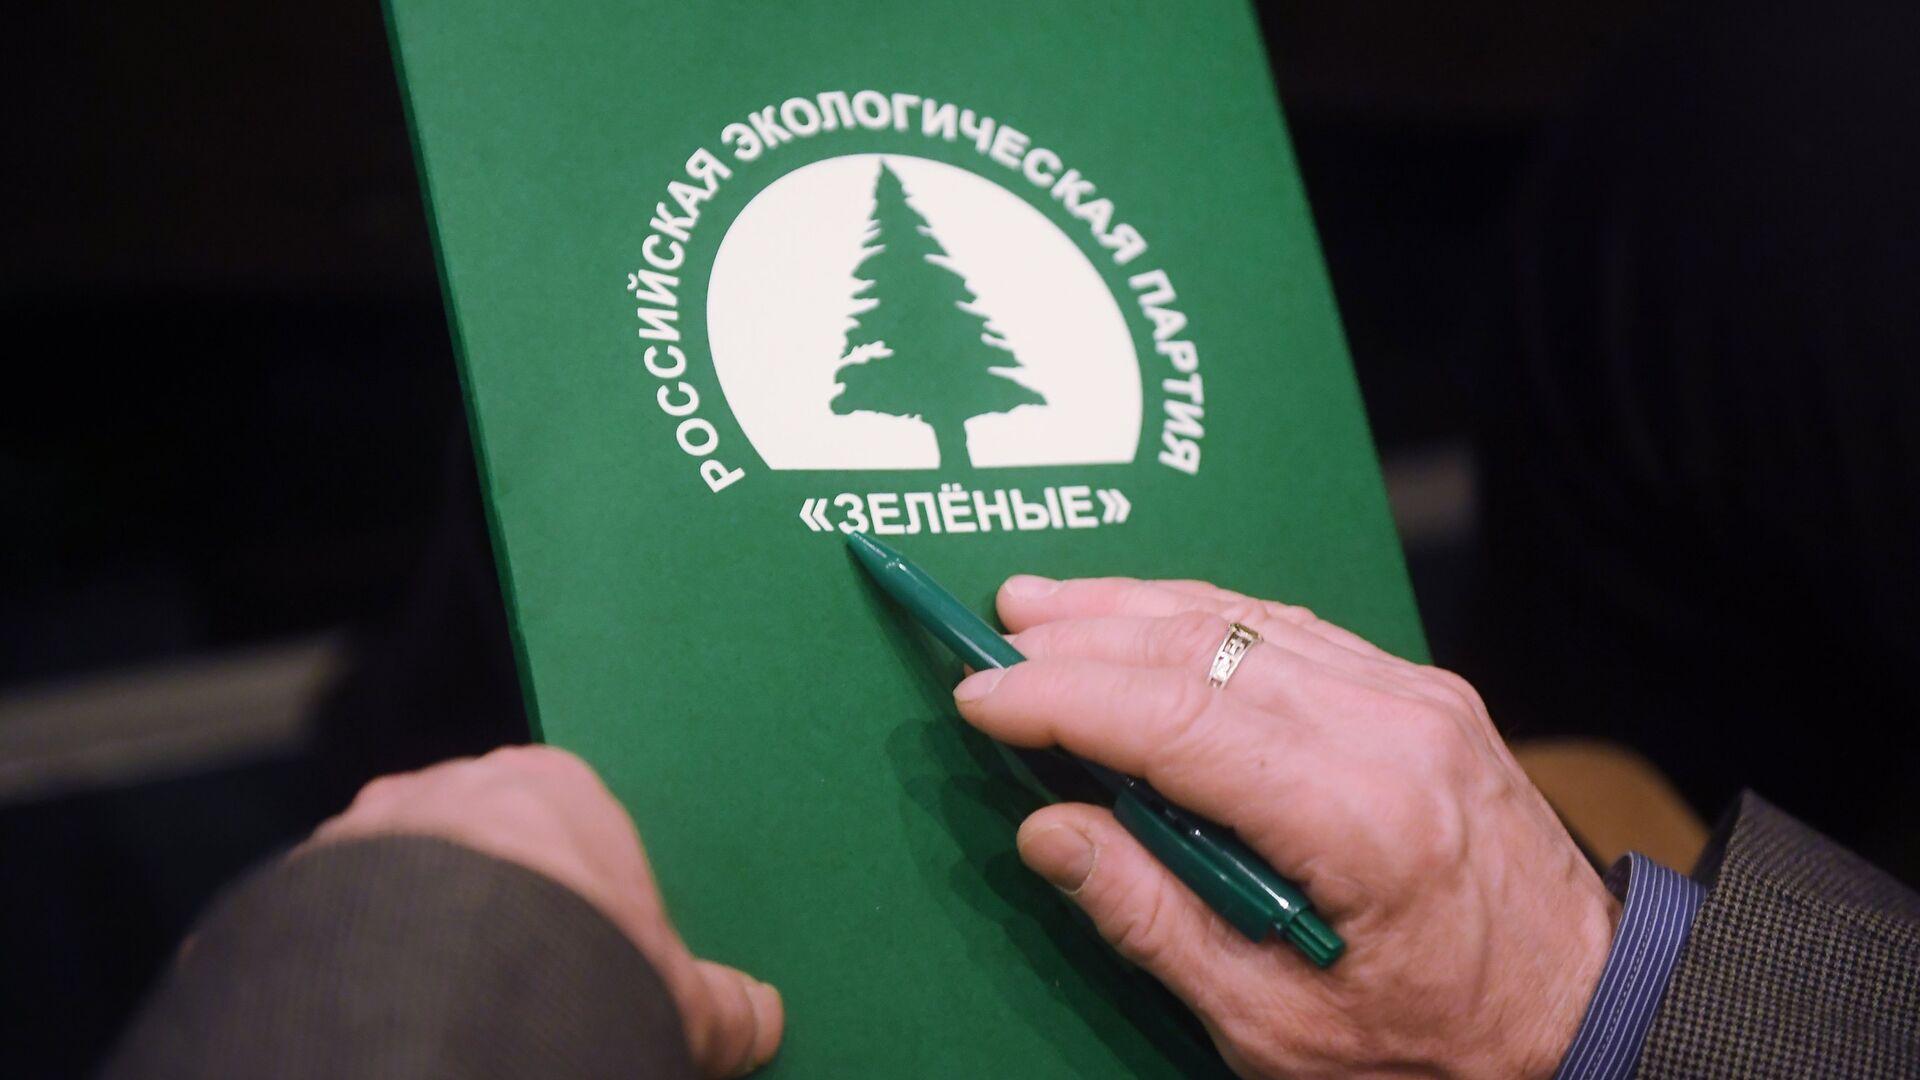 Съезд партии Зеленые - РИА Новости, 1920, 17.07.2021